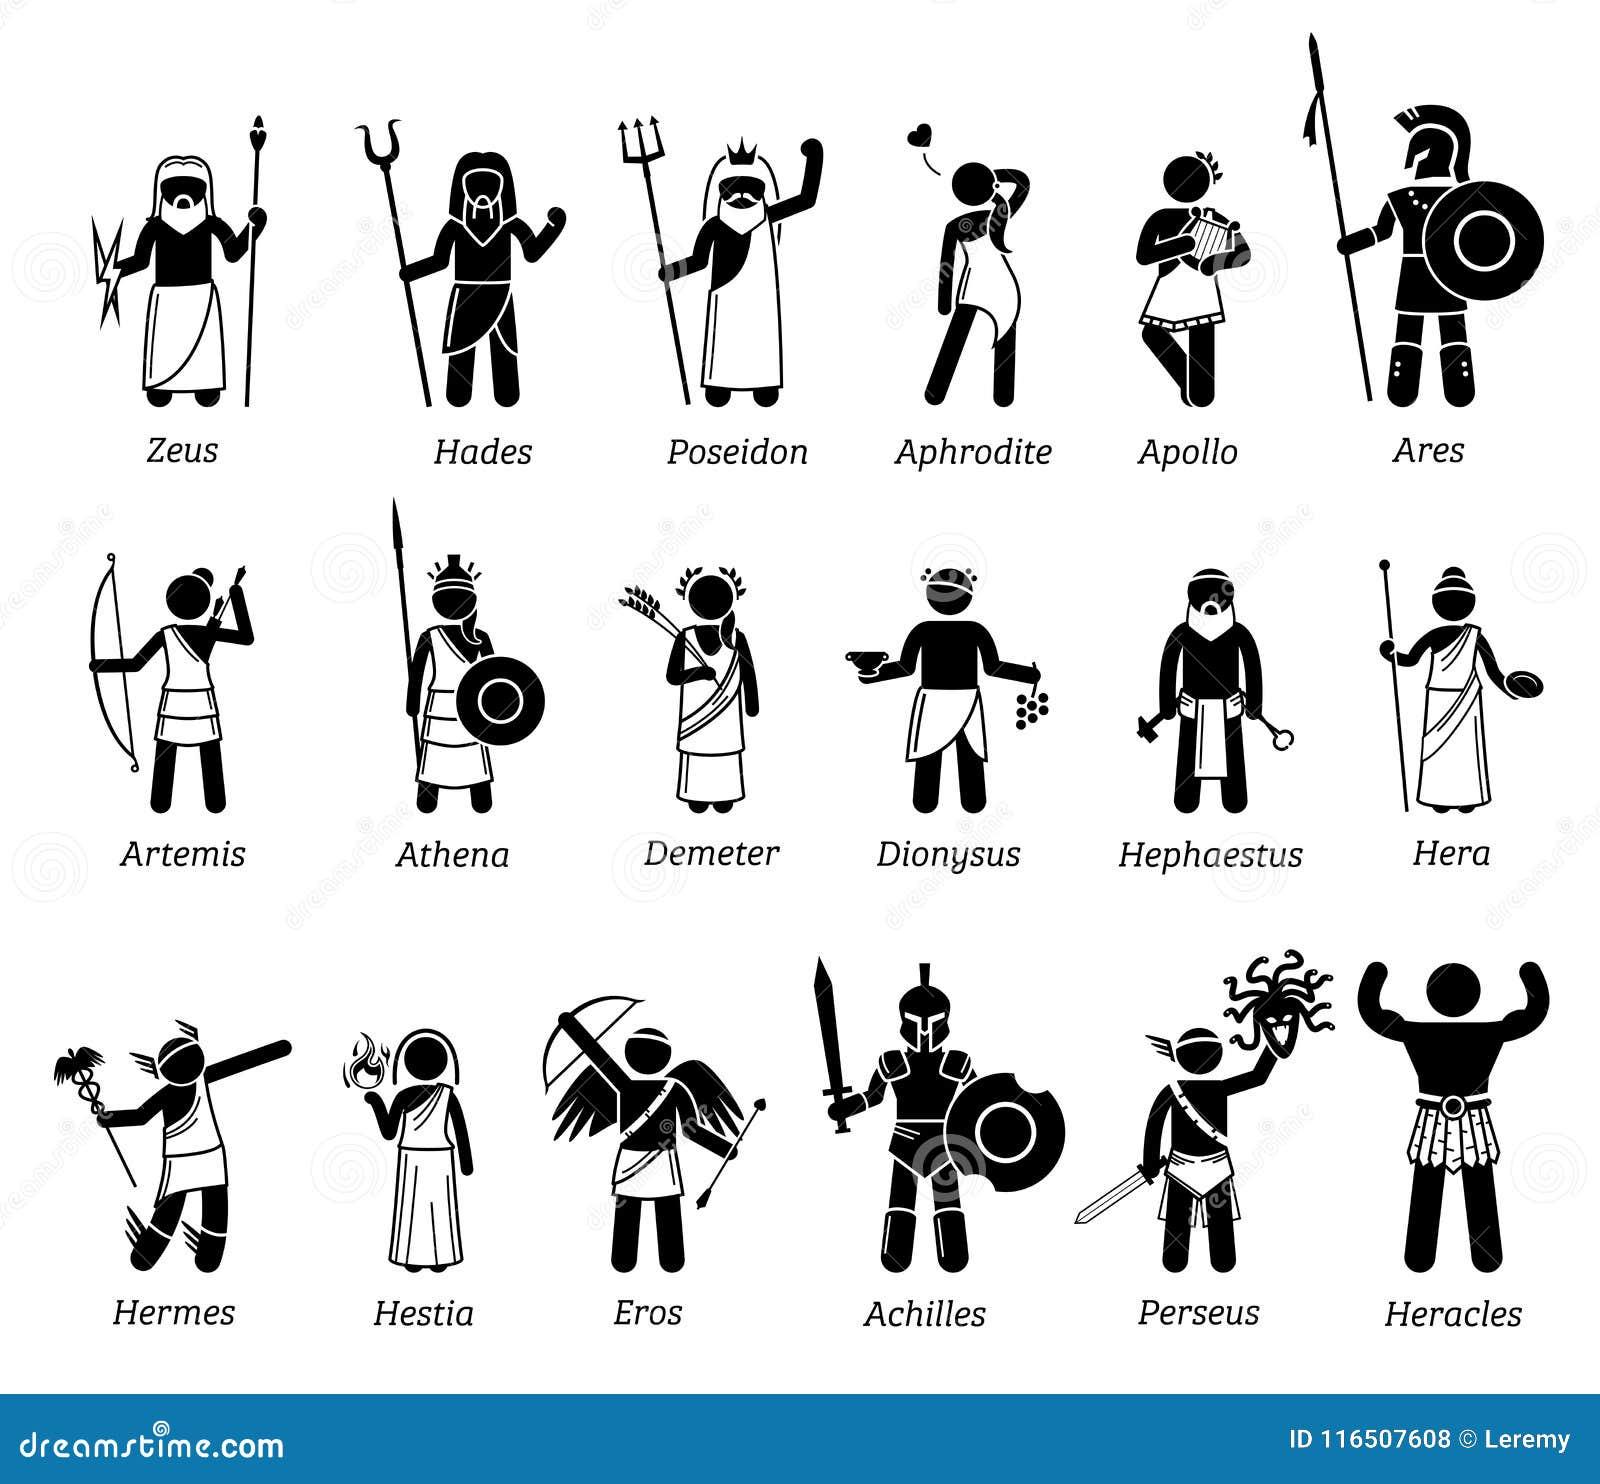 grekiska gudar lista